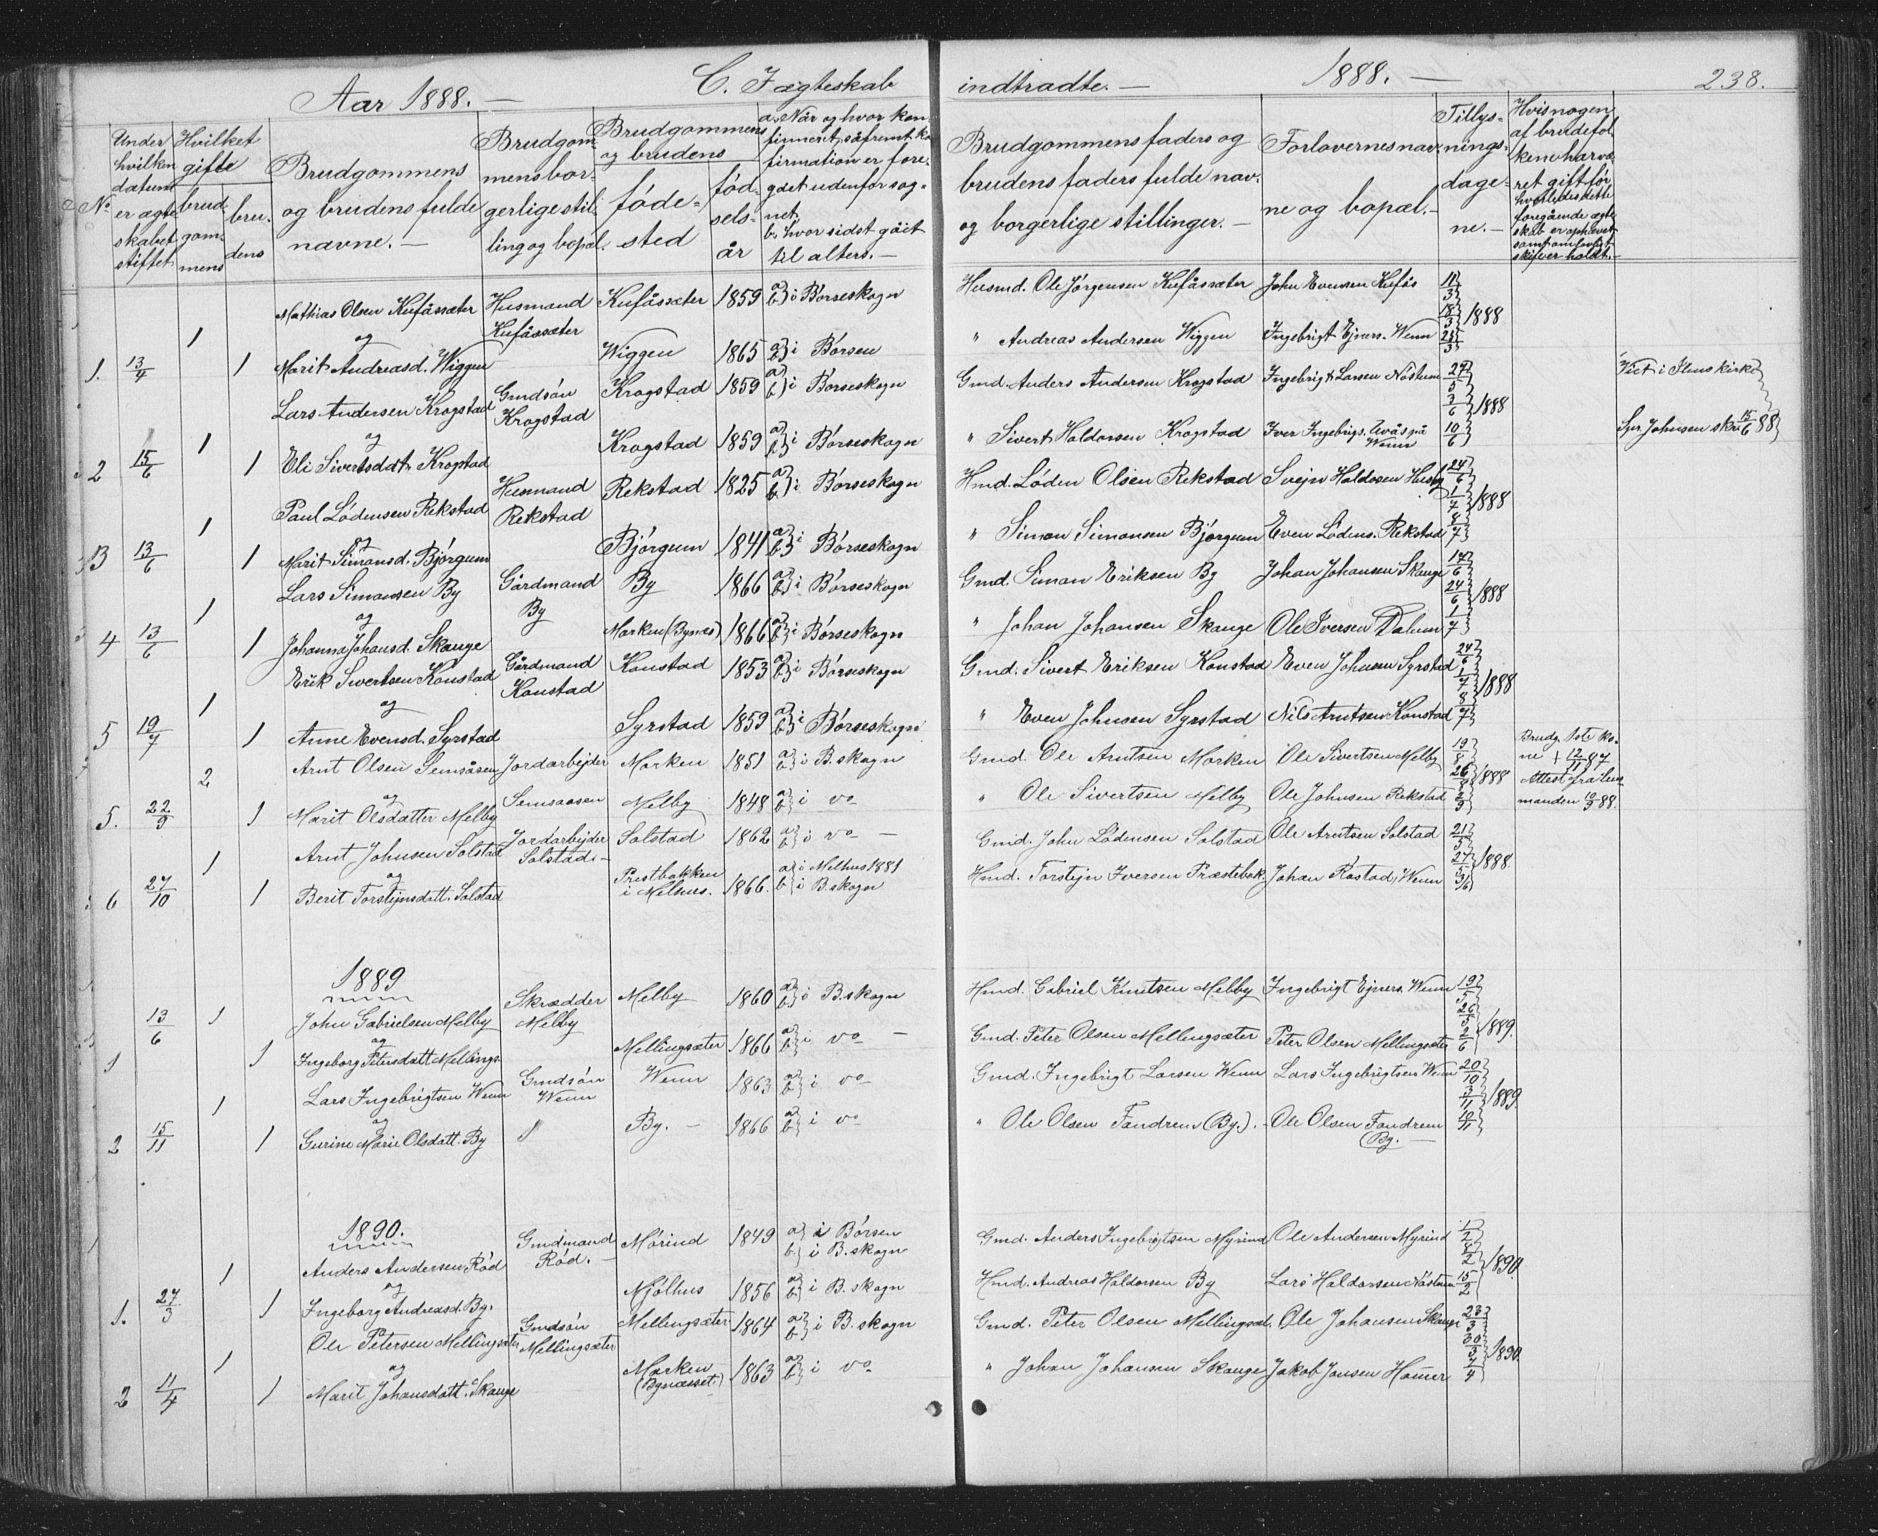 SAT, Ministerialprotokoller, klokkerbøker og fødselsregistre - Sør-Trøndelag, 667/L0798: Klokkerbok nr. 667C03, 1867-1929, s. 238